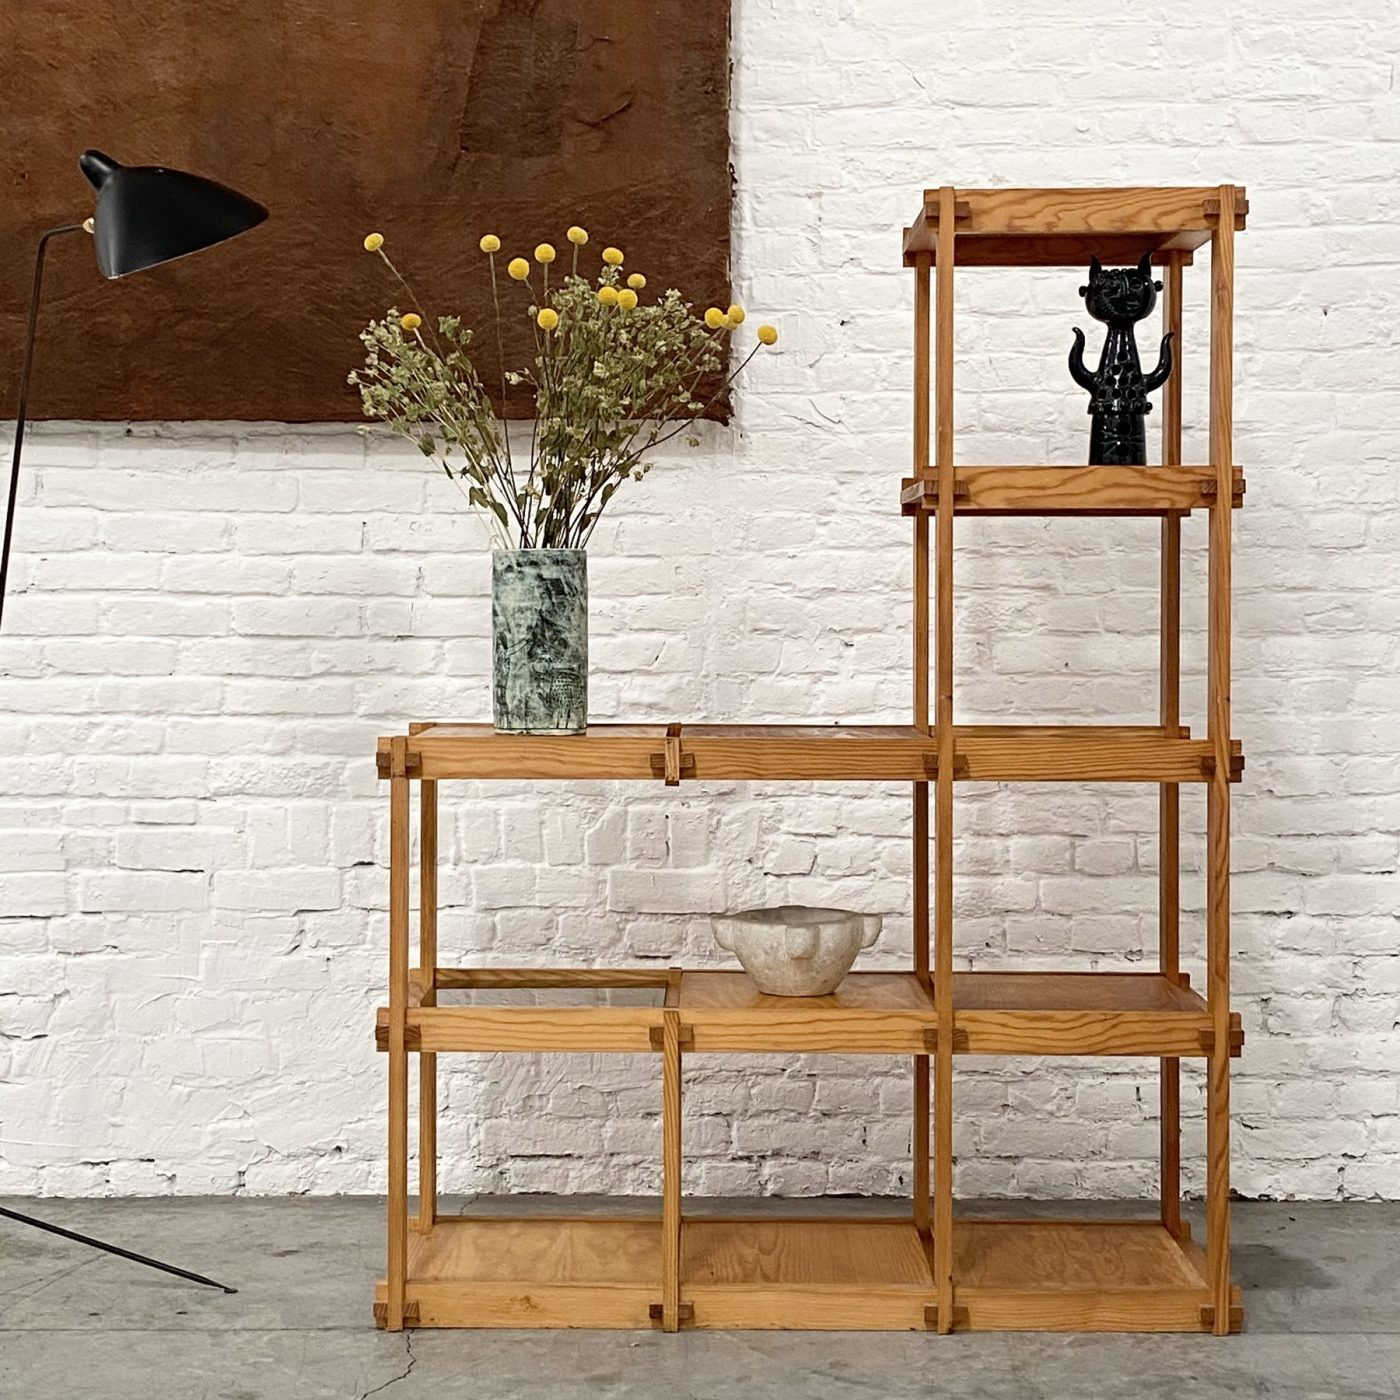 objet-vagabond-delaye-shelf0000